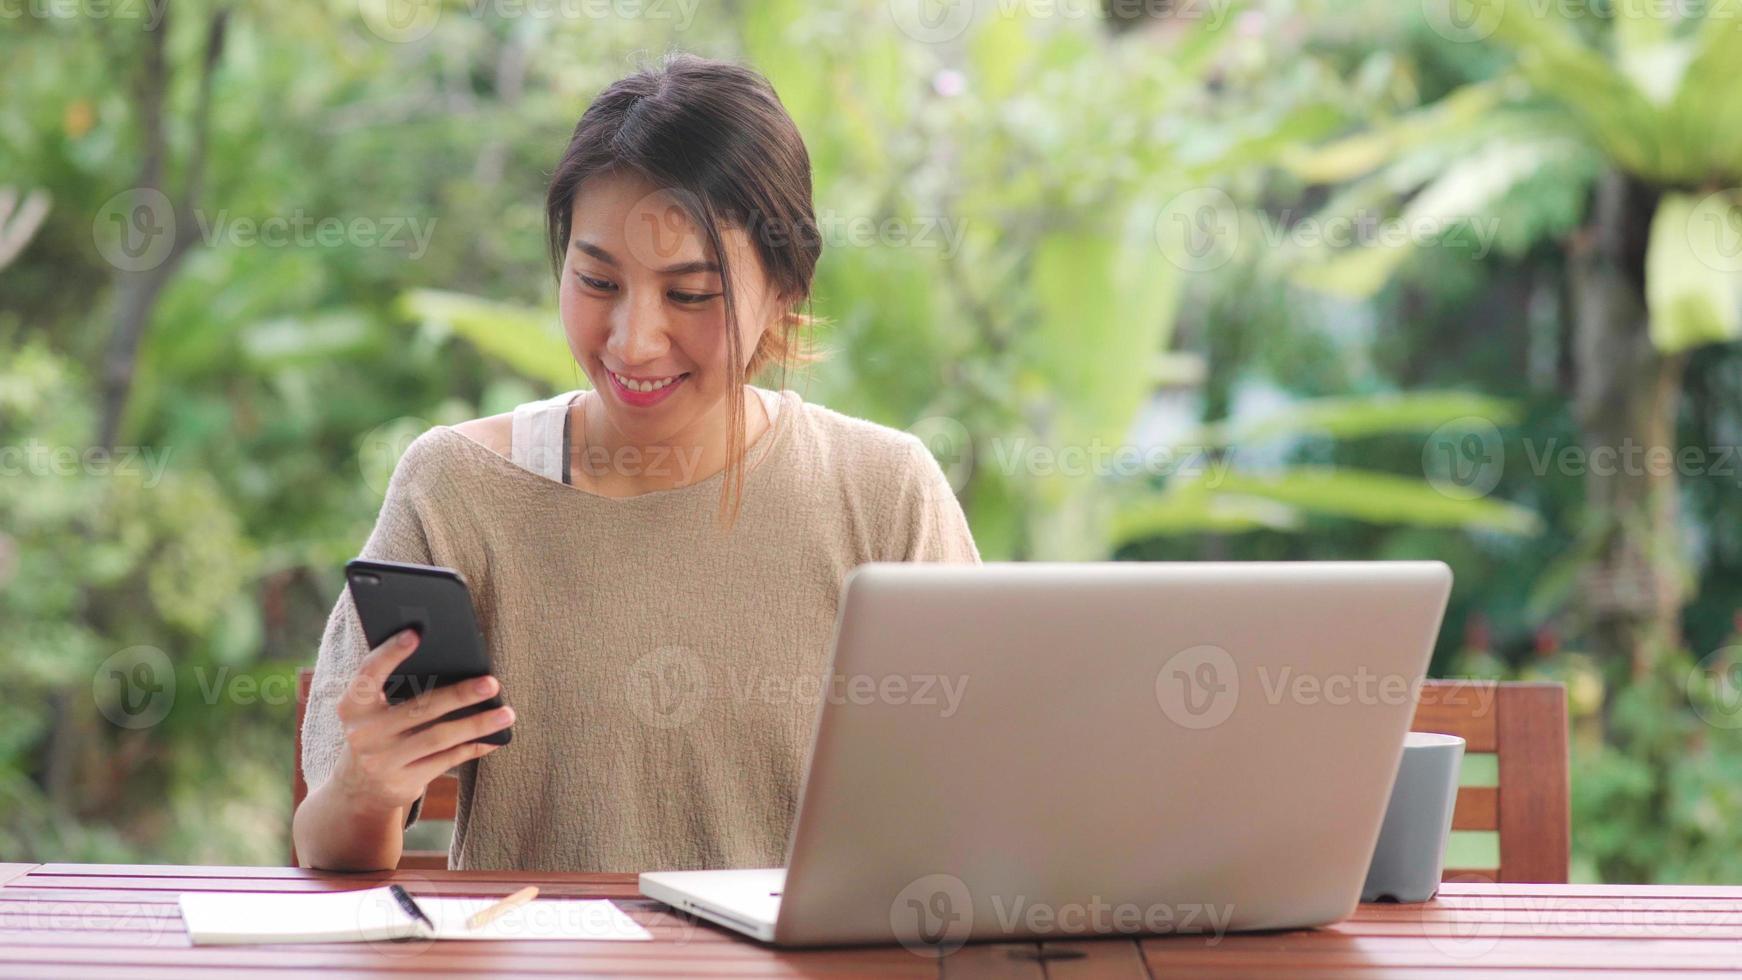 mulher asiática freelance trabalhando em casa, mulher de negócios trabalhando no laptop e usando telefone celular, bebendo café sentado na mesa no jardim pela manhã. mulheres de estilo de vida trabalhando no conceito de casa. foto